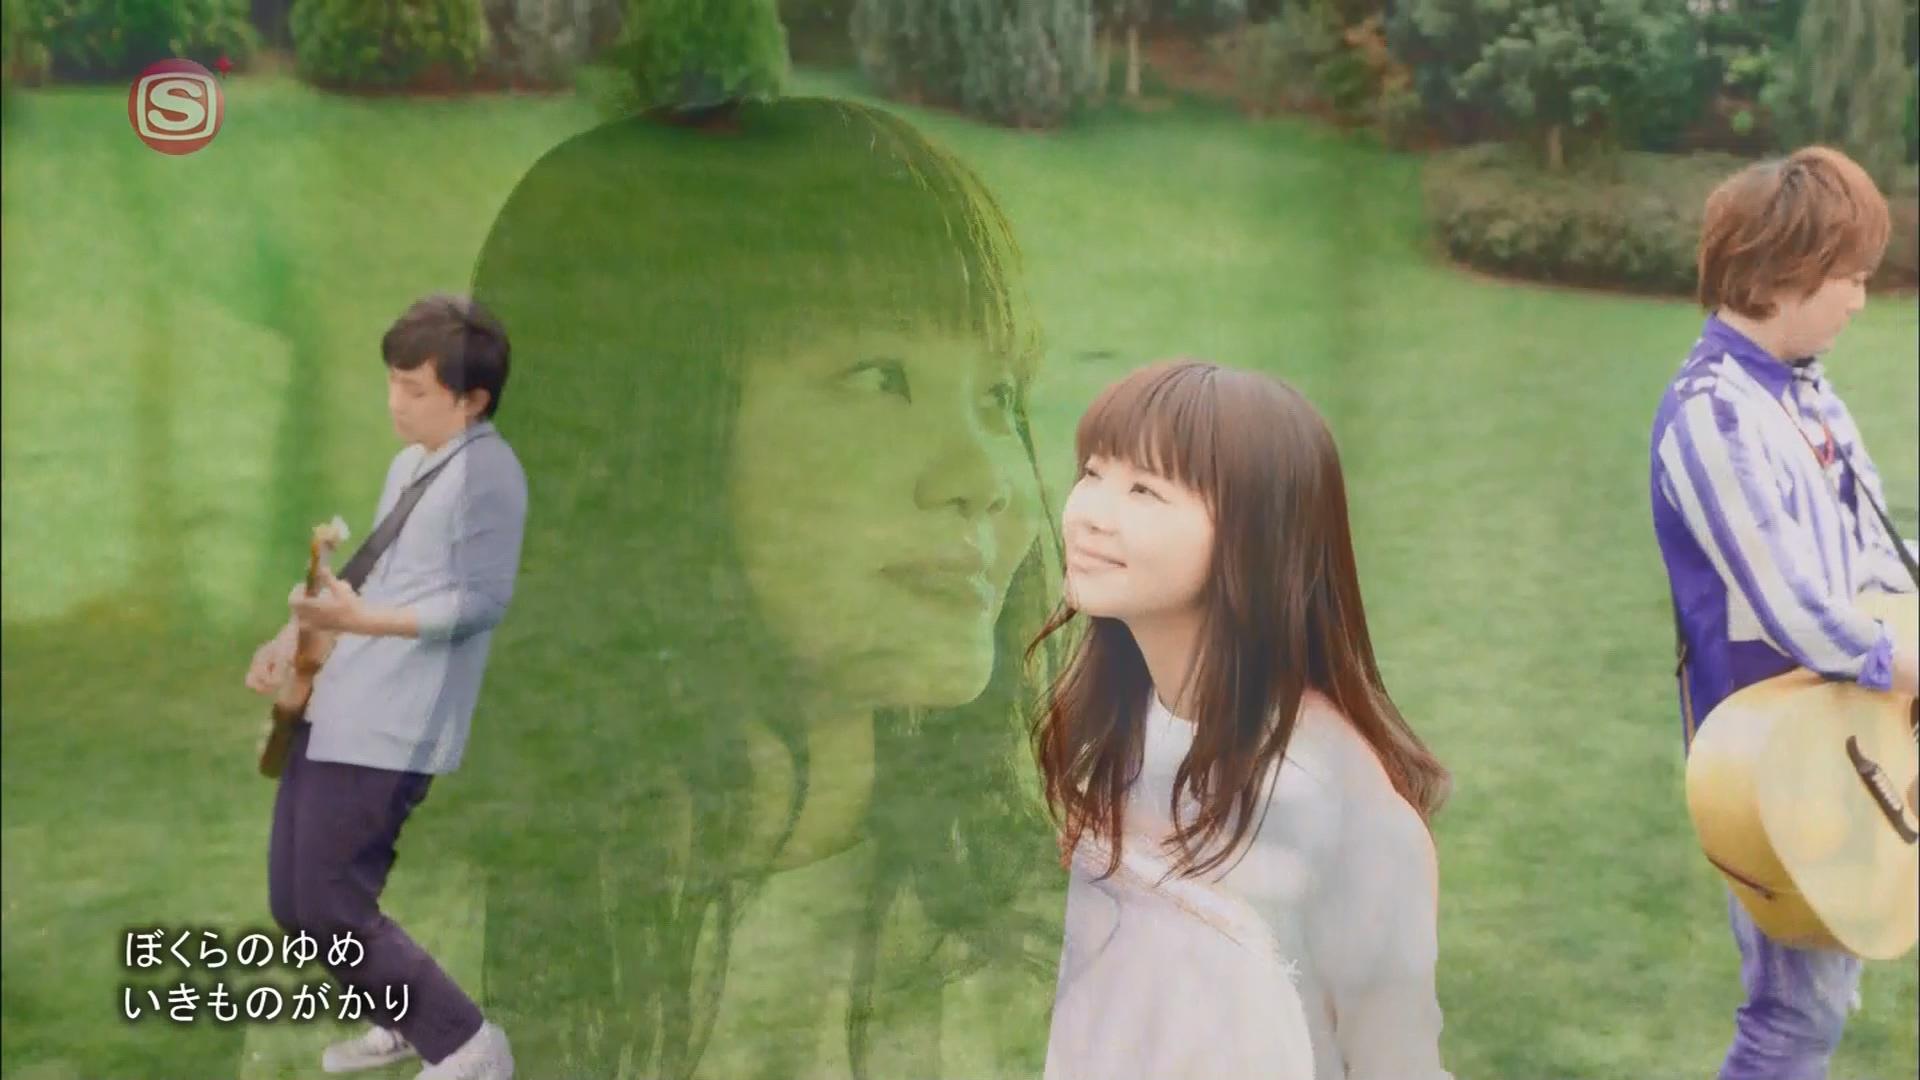 2016.03.16 いきものがかり - ぼくらのゆめ(SSTVPlus).ts_20160316_233432.369